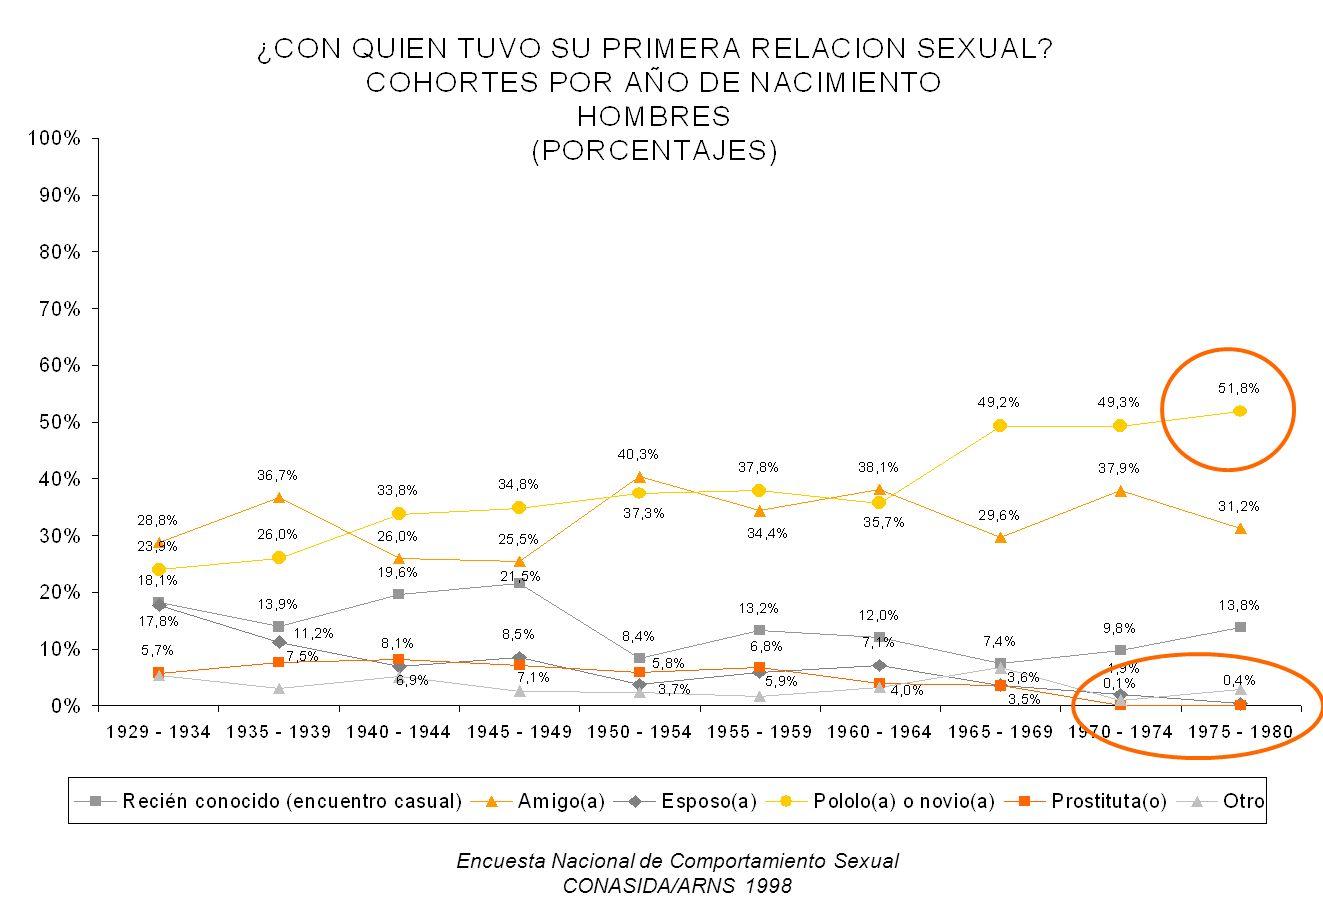 Encuesta Nacional de Comportamiento Sexual CONASIDA/ARNS 1998